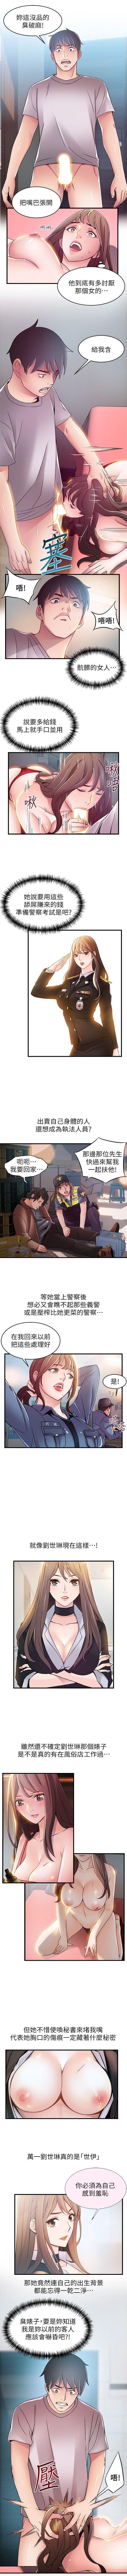 (週7)弱點 1-76 中文翻譯(更新中) 186